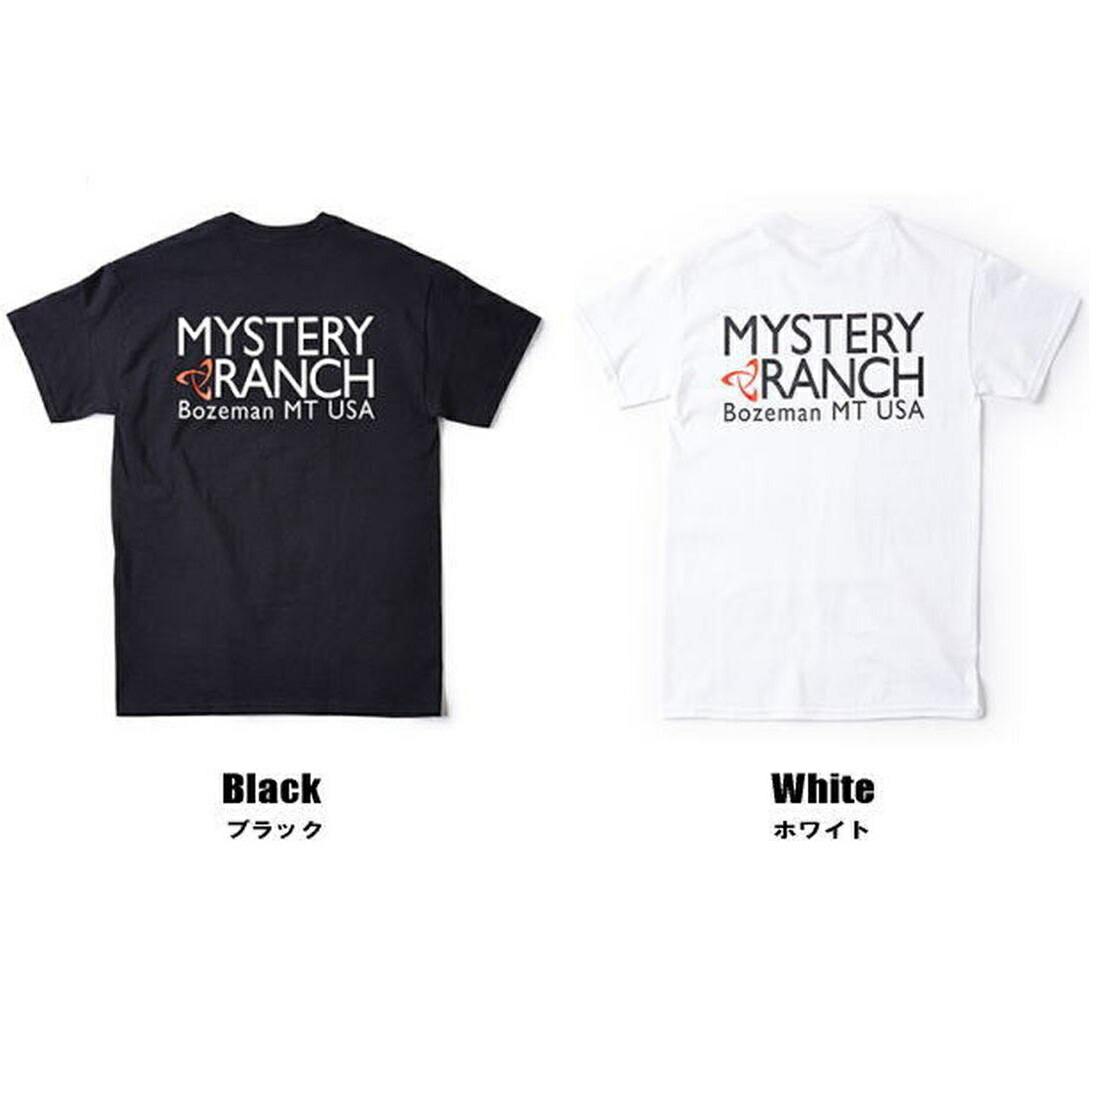 ミステリーランチ ティーシャツスクエアロゴT 半袖 コットンTシャツ  国内正規品